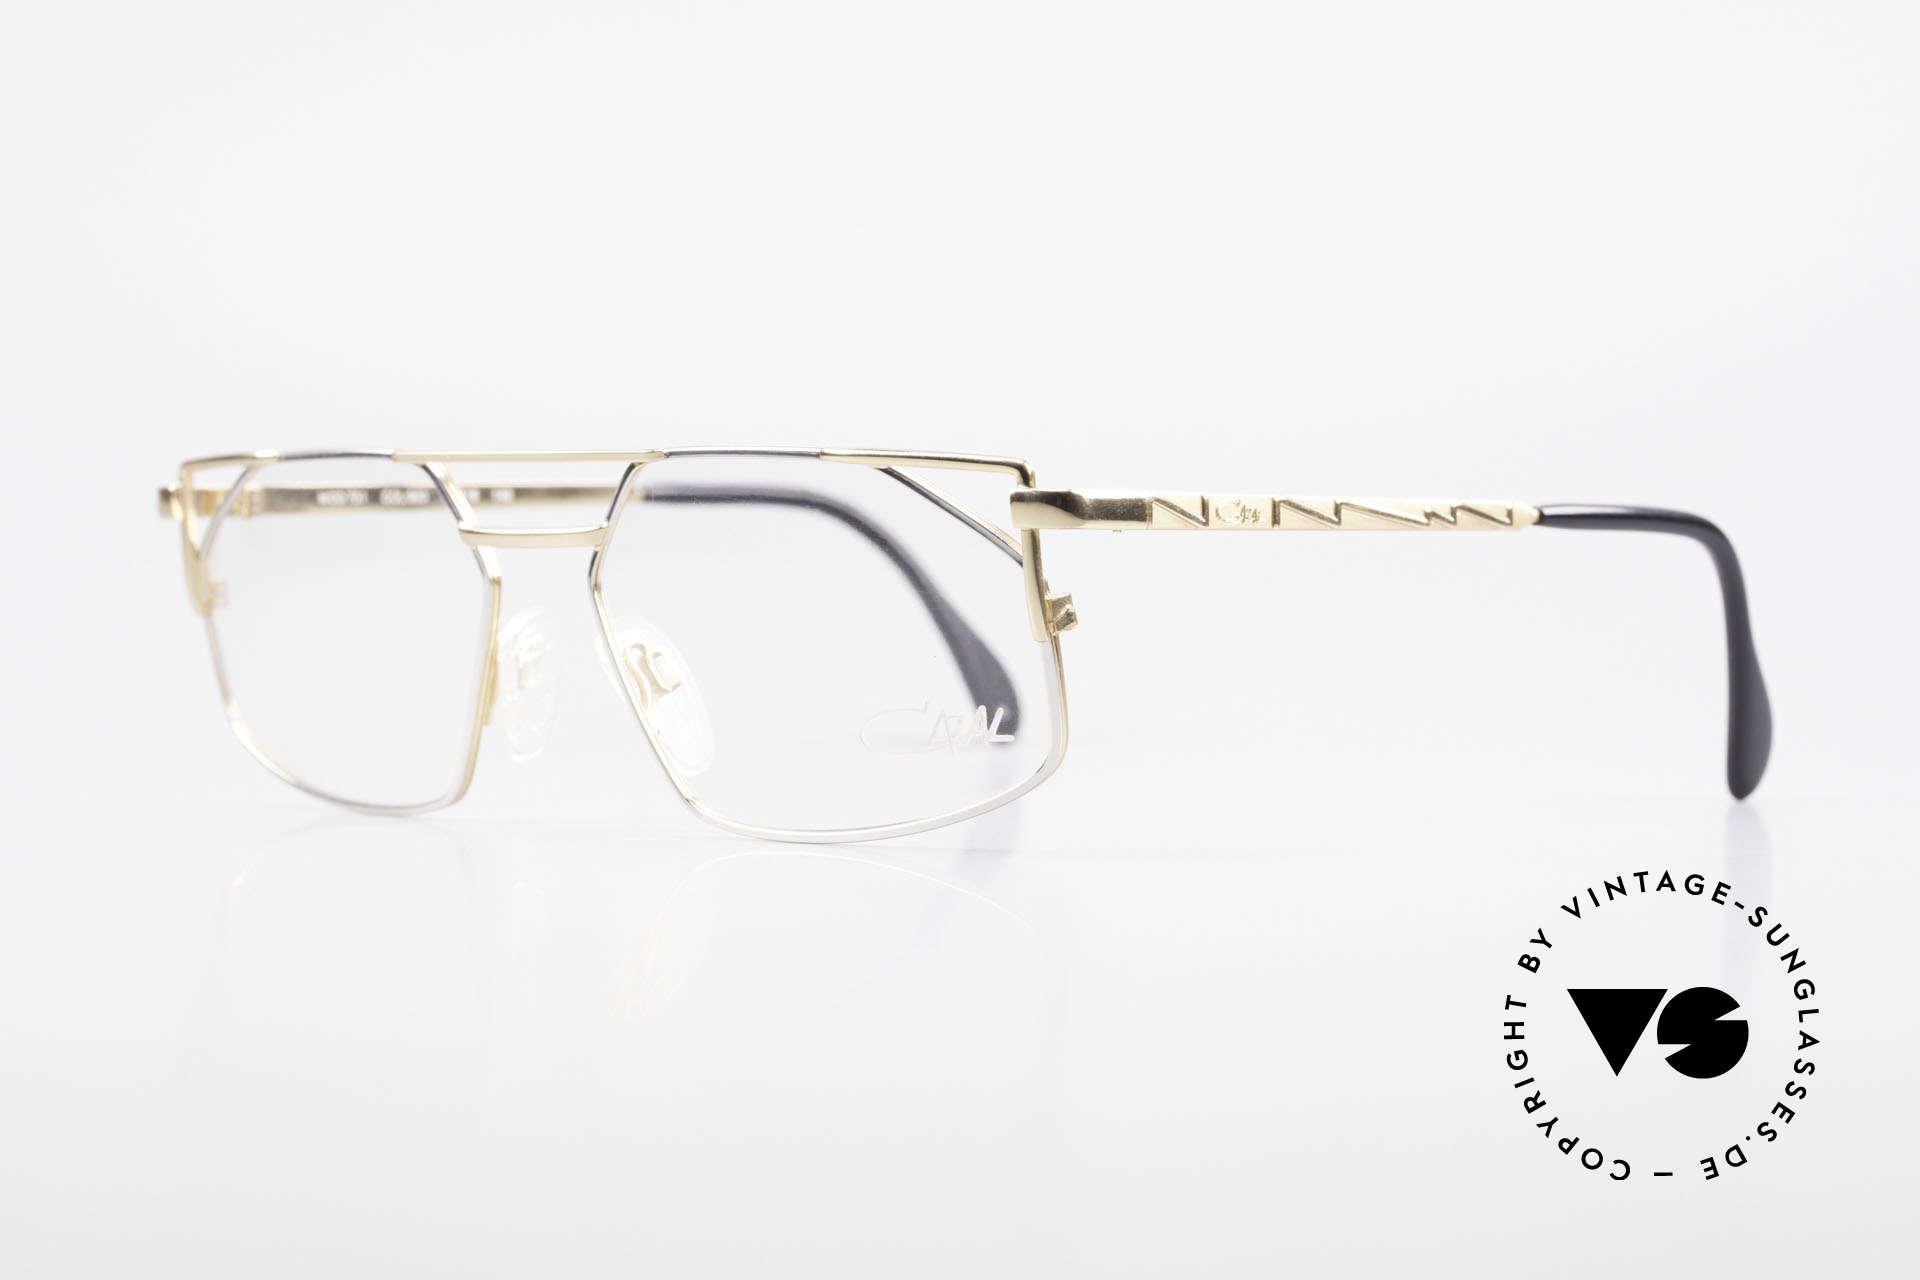 Cazal 751 Eckige Alte 90er Designerbrille, tolles altes Designerstück; als Herrenbrille konzipiert, Passend für Herren